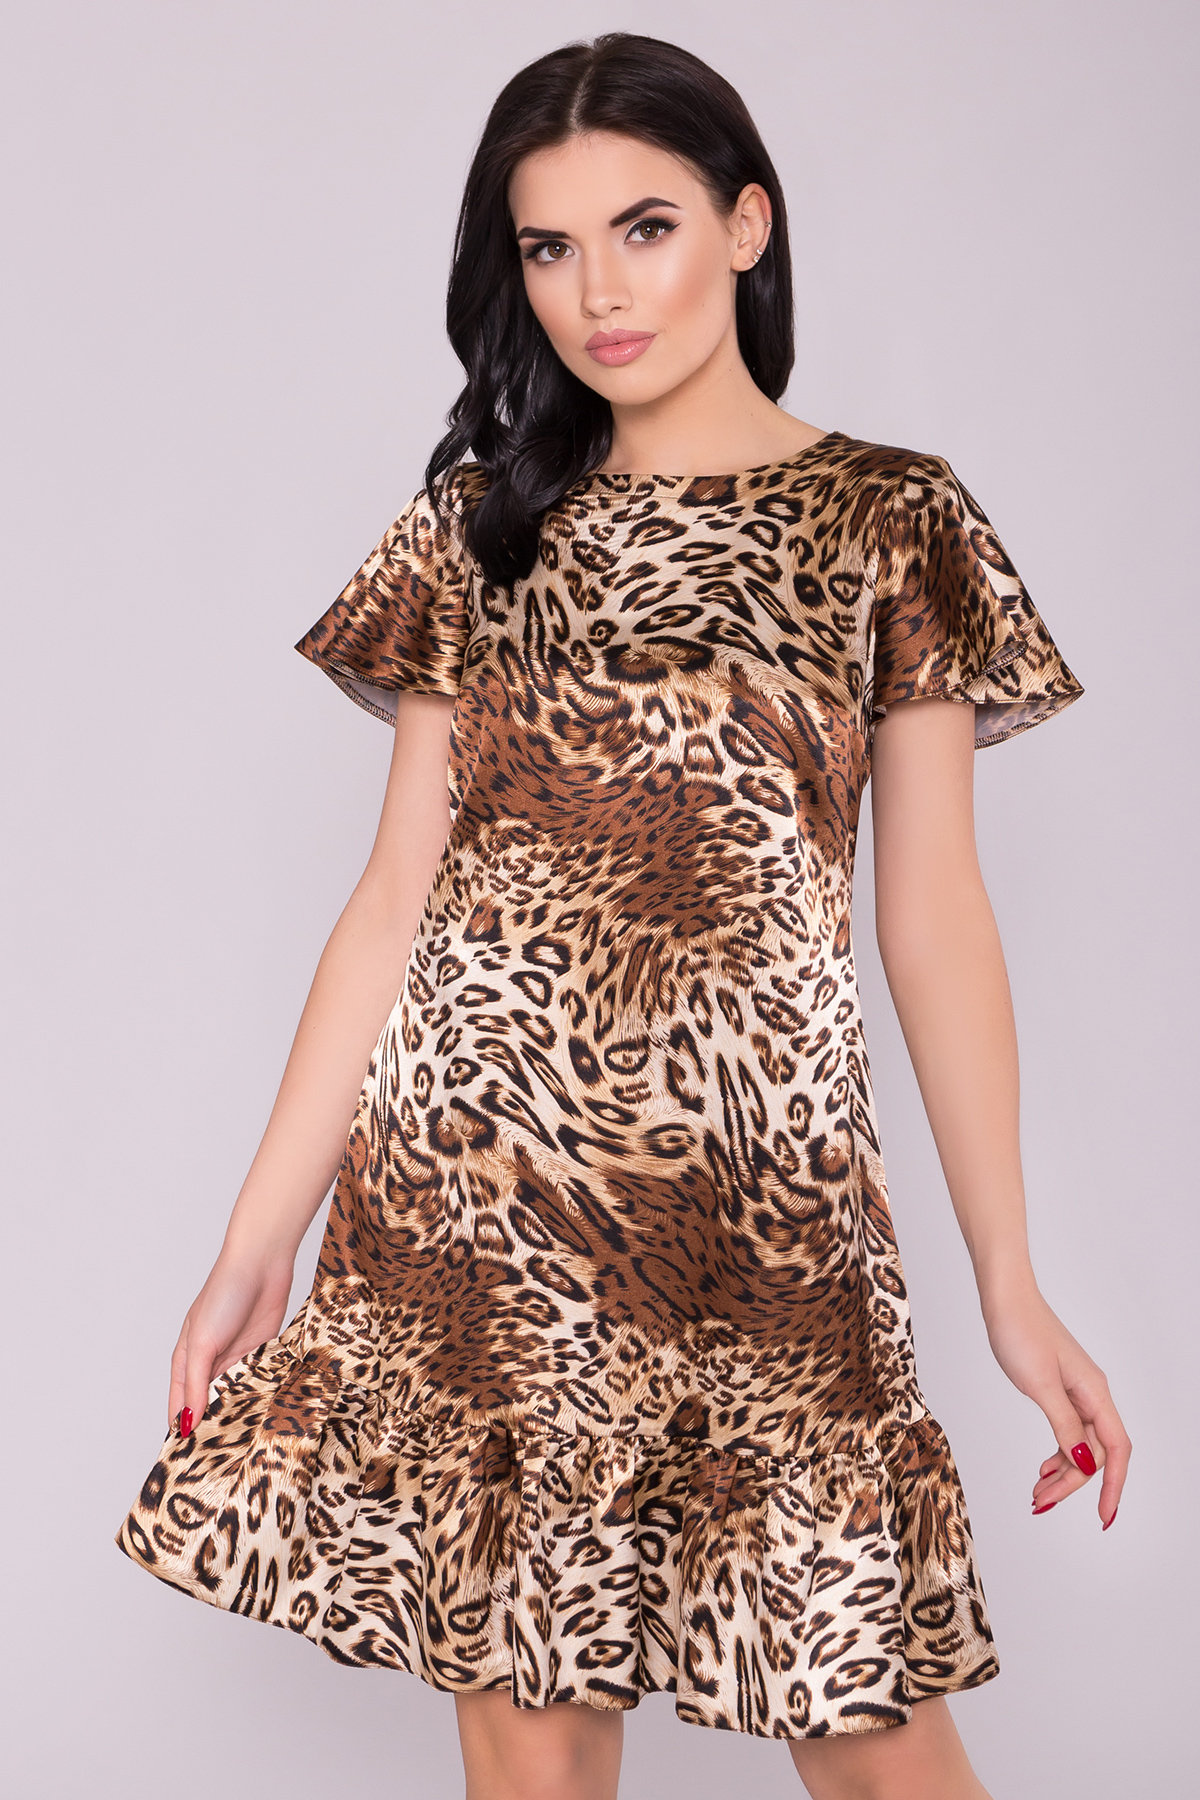 Платье Патрисия 6986 АРТ. 42520 Цвет: Леопард бежевый/черный - фото 3, интернет магазин tm-modus.ru